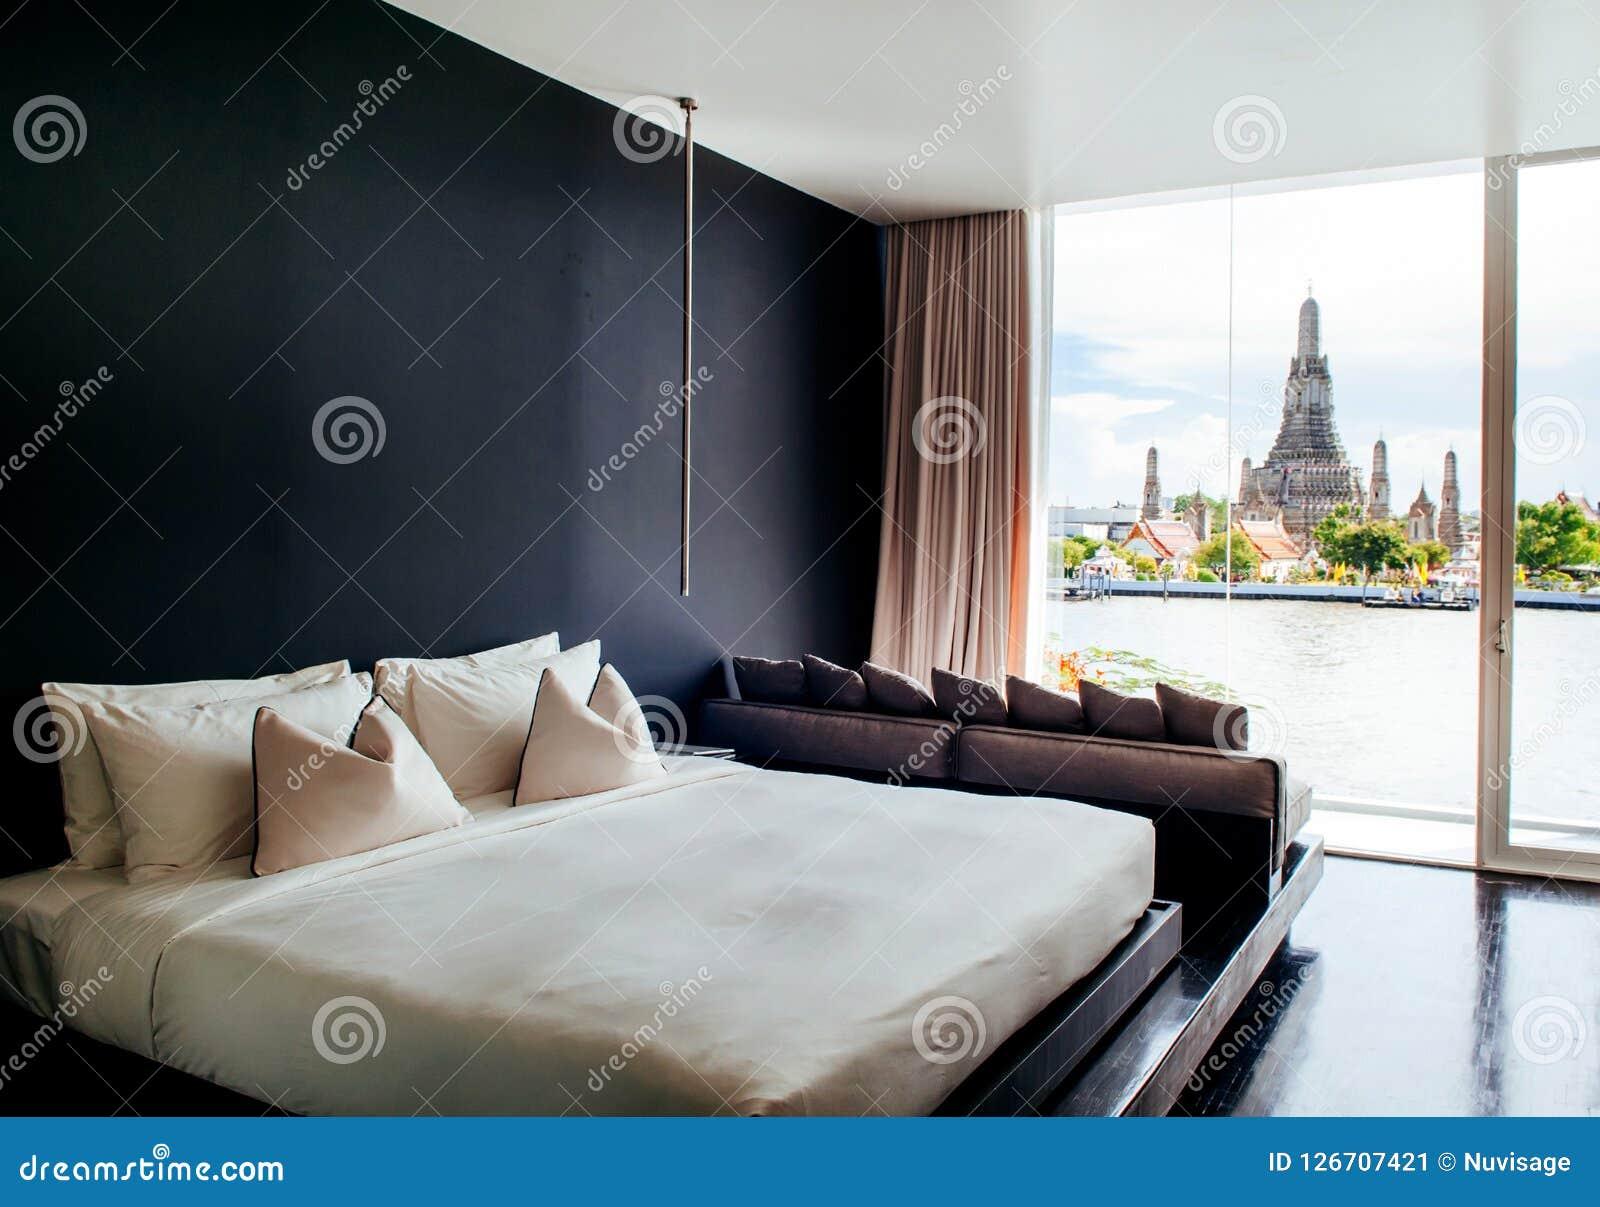 8 Mai 2013 Bangkok, THAÏLANDE   La Chambre à Coucher Avec Le Lit Blanc De Mur  Noir, Repose Le Divan, Lampe Fenêtre En Saillie Avec La Vue De Wat Arun  Temple ...